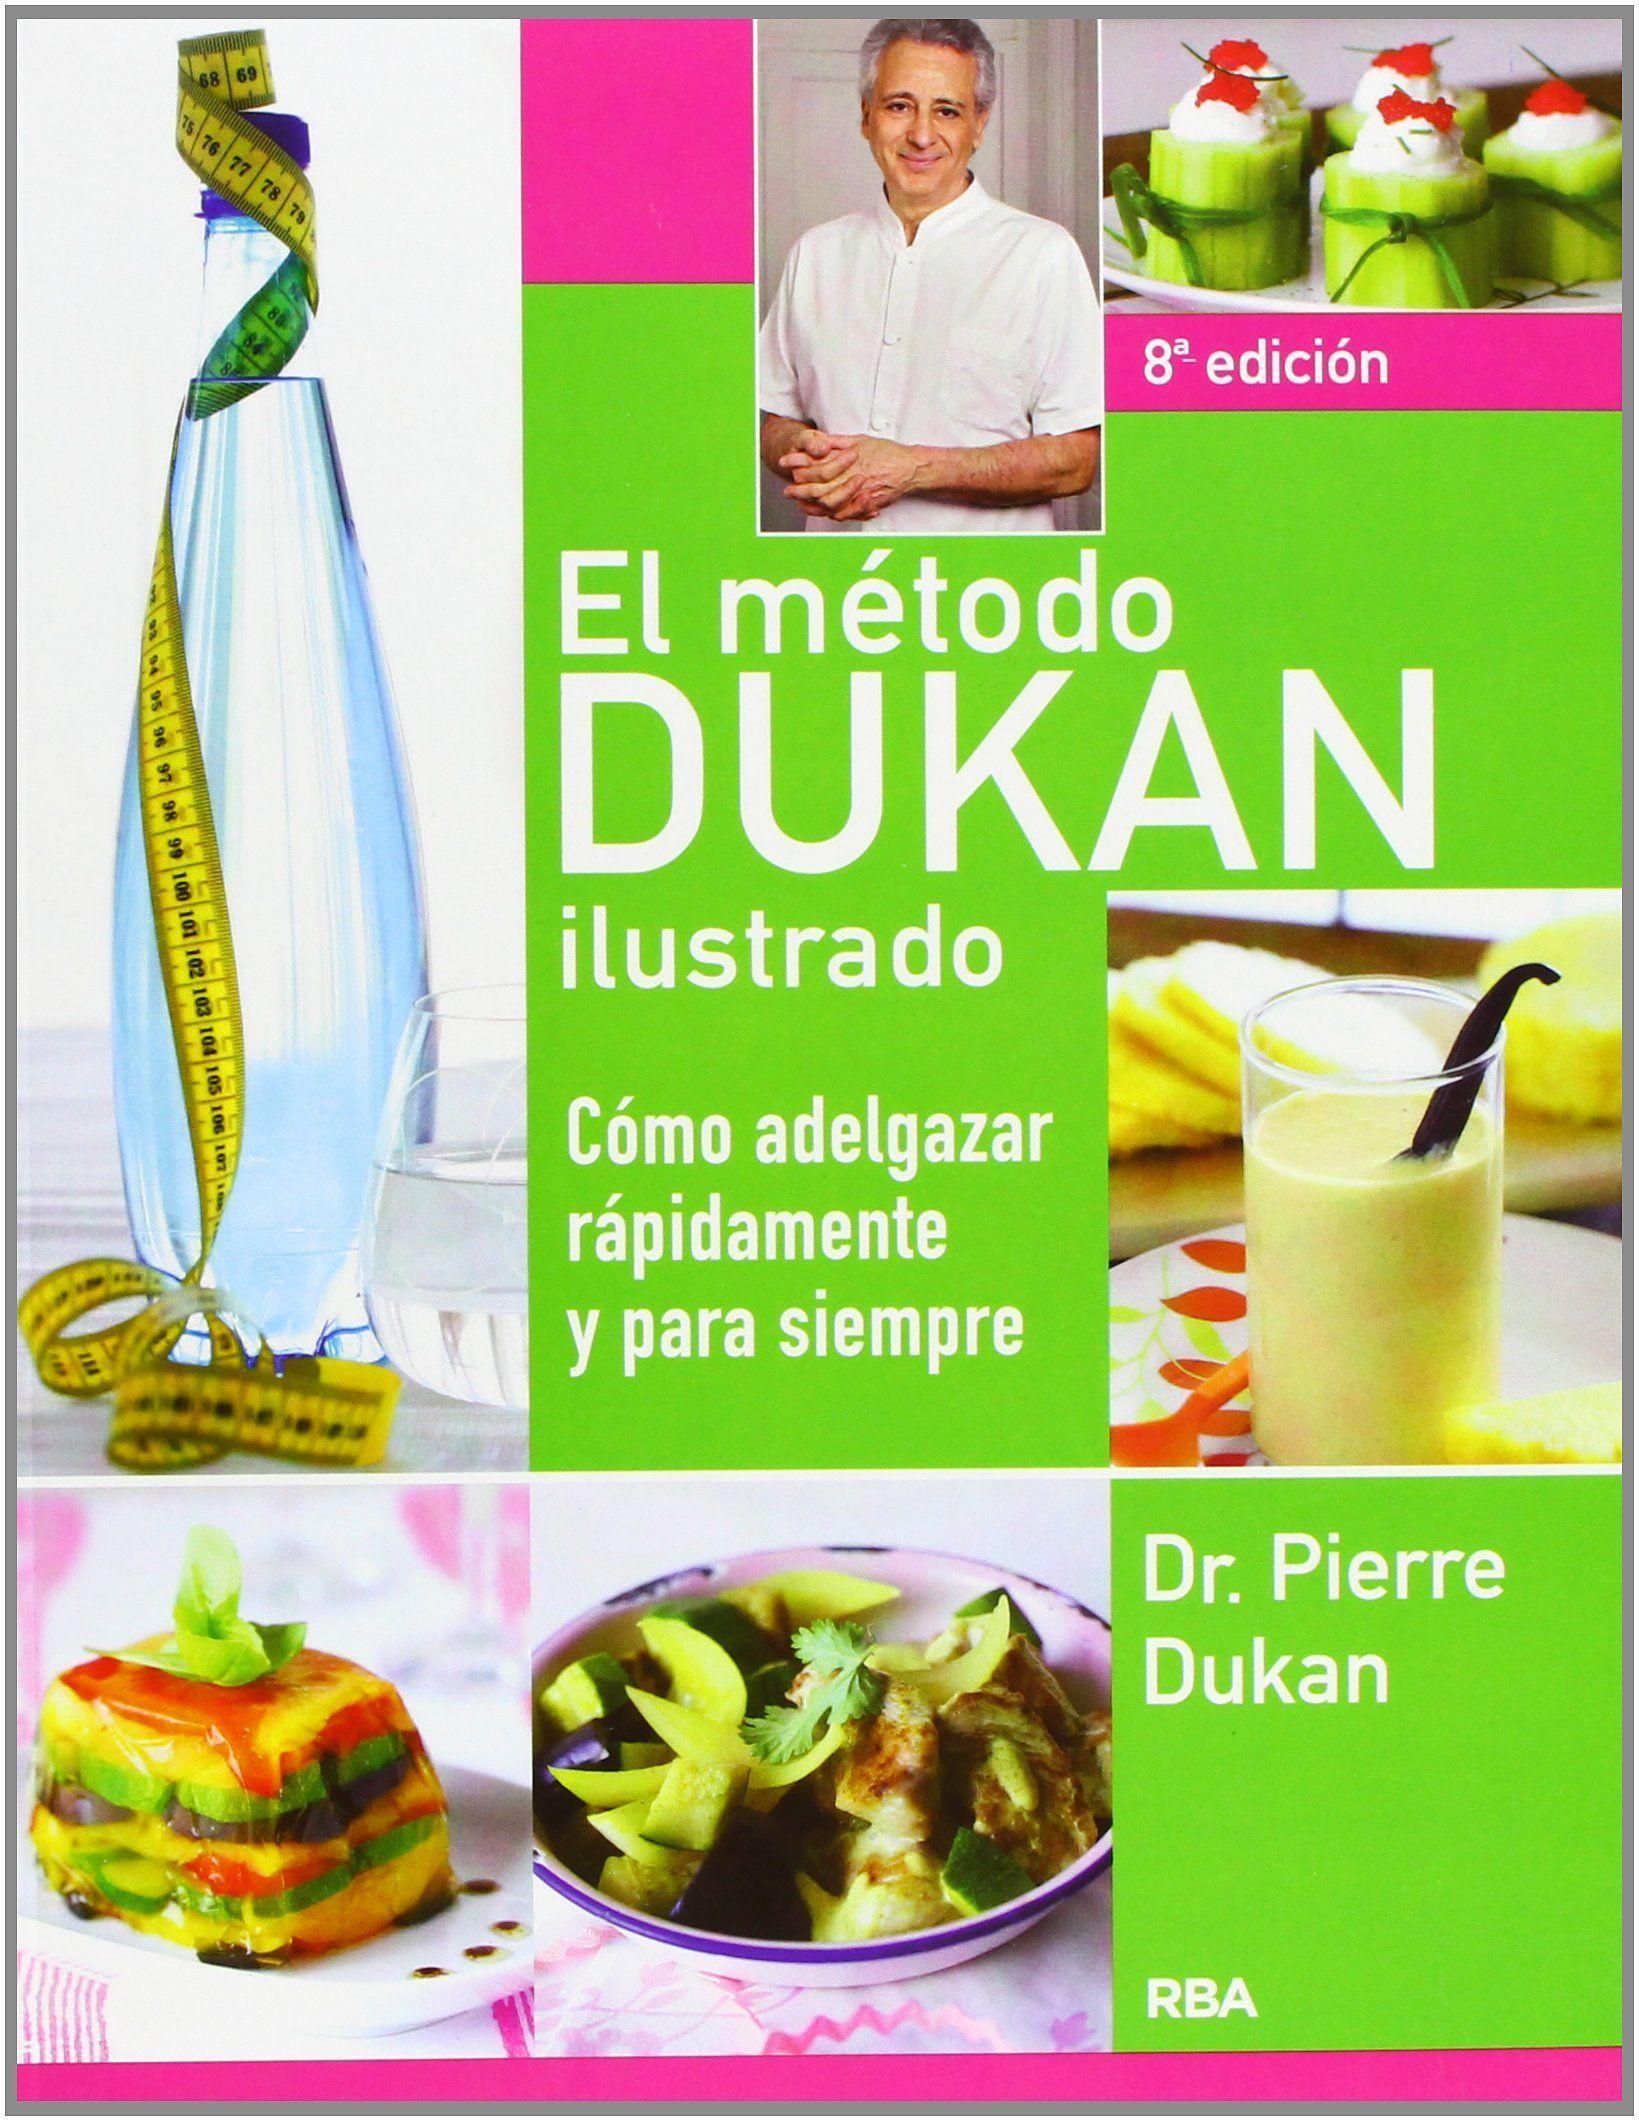 Los peligros de la dieta Dukan